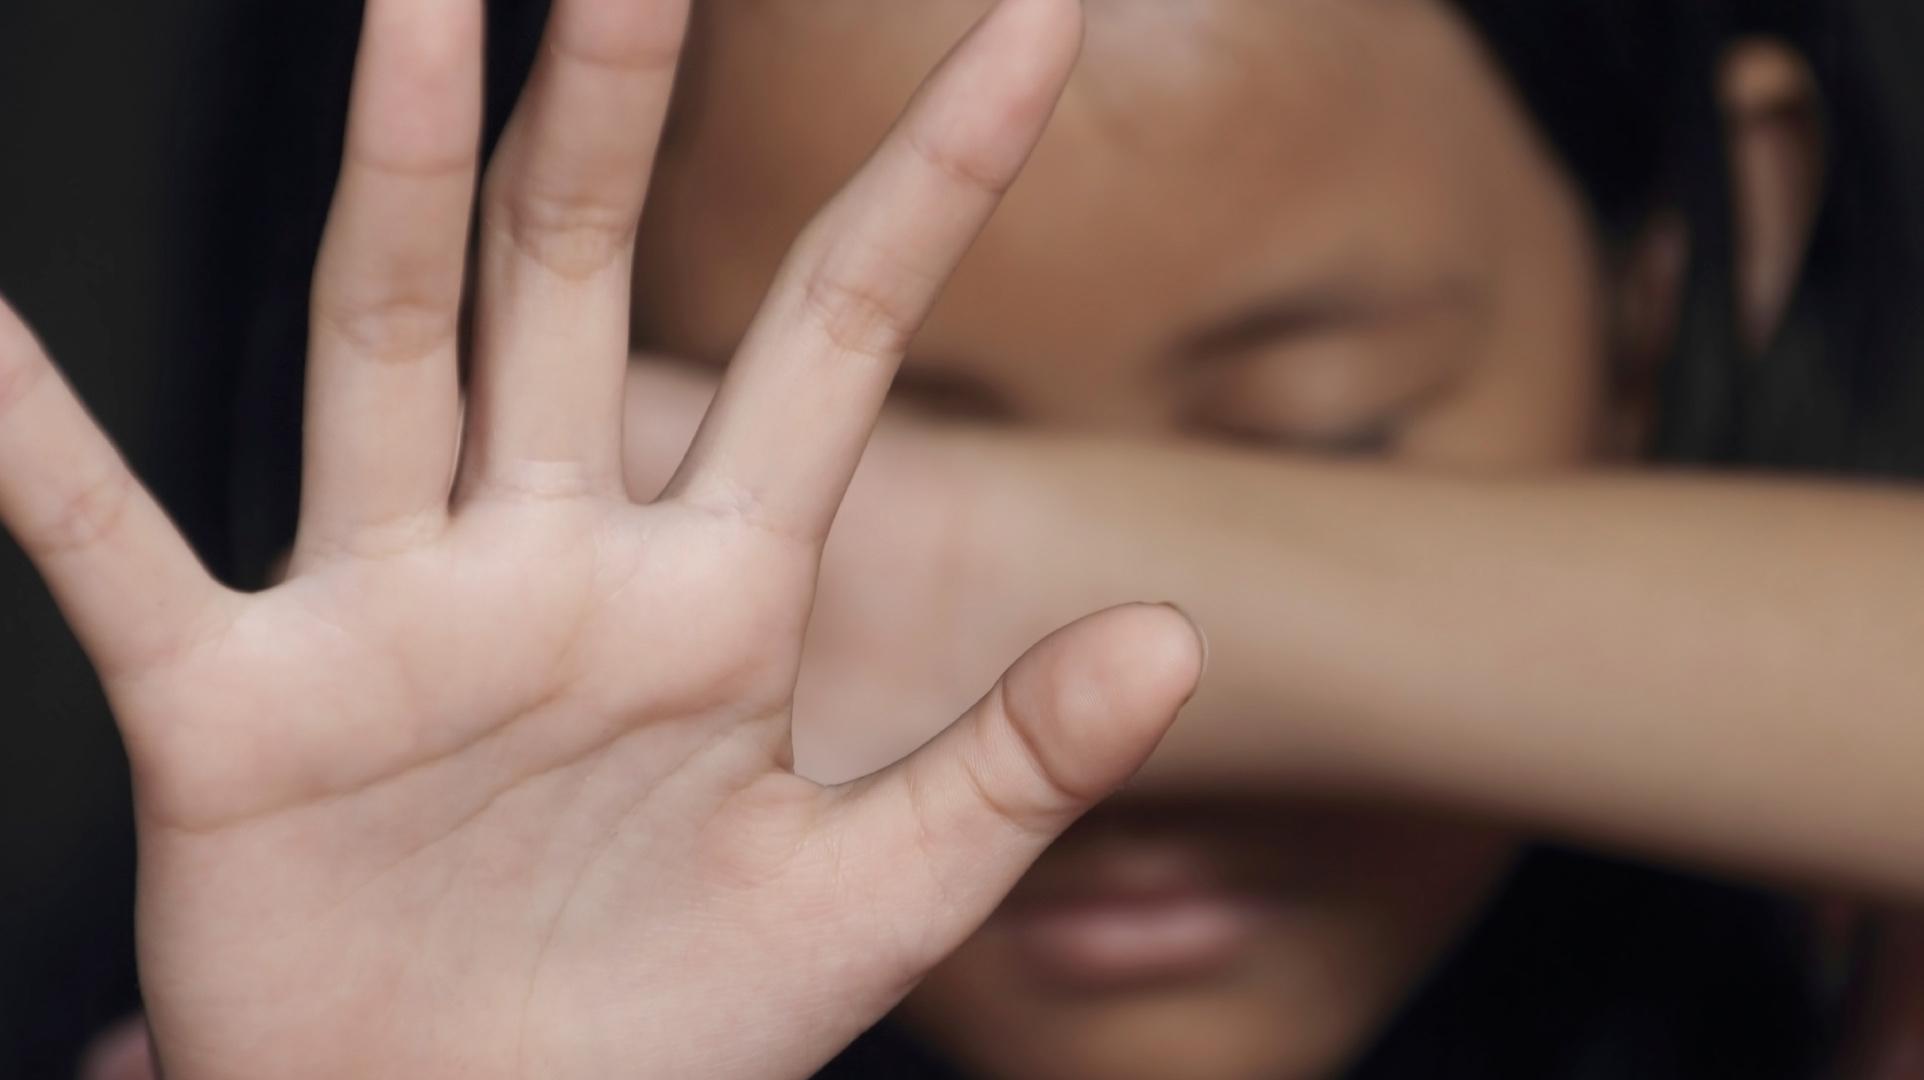 A szexuális zaklatásról pszichológus szemmel